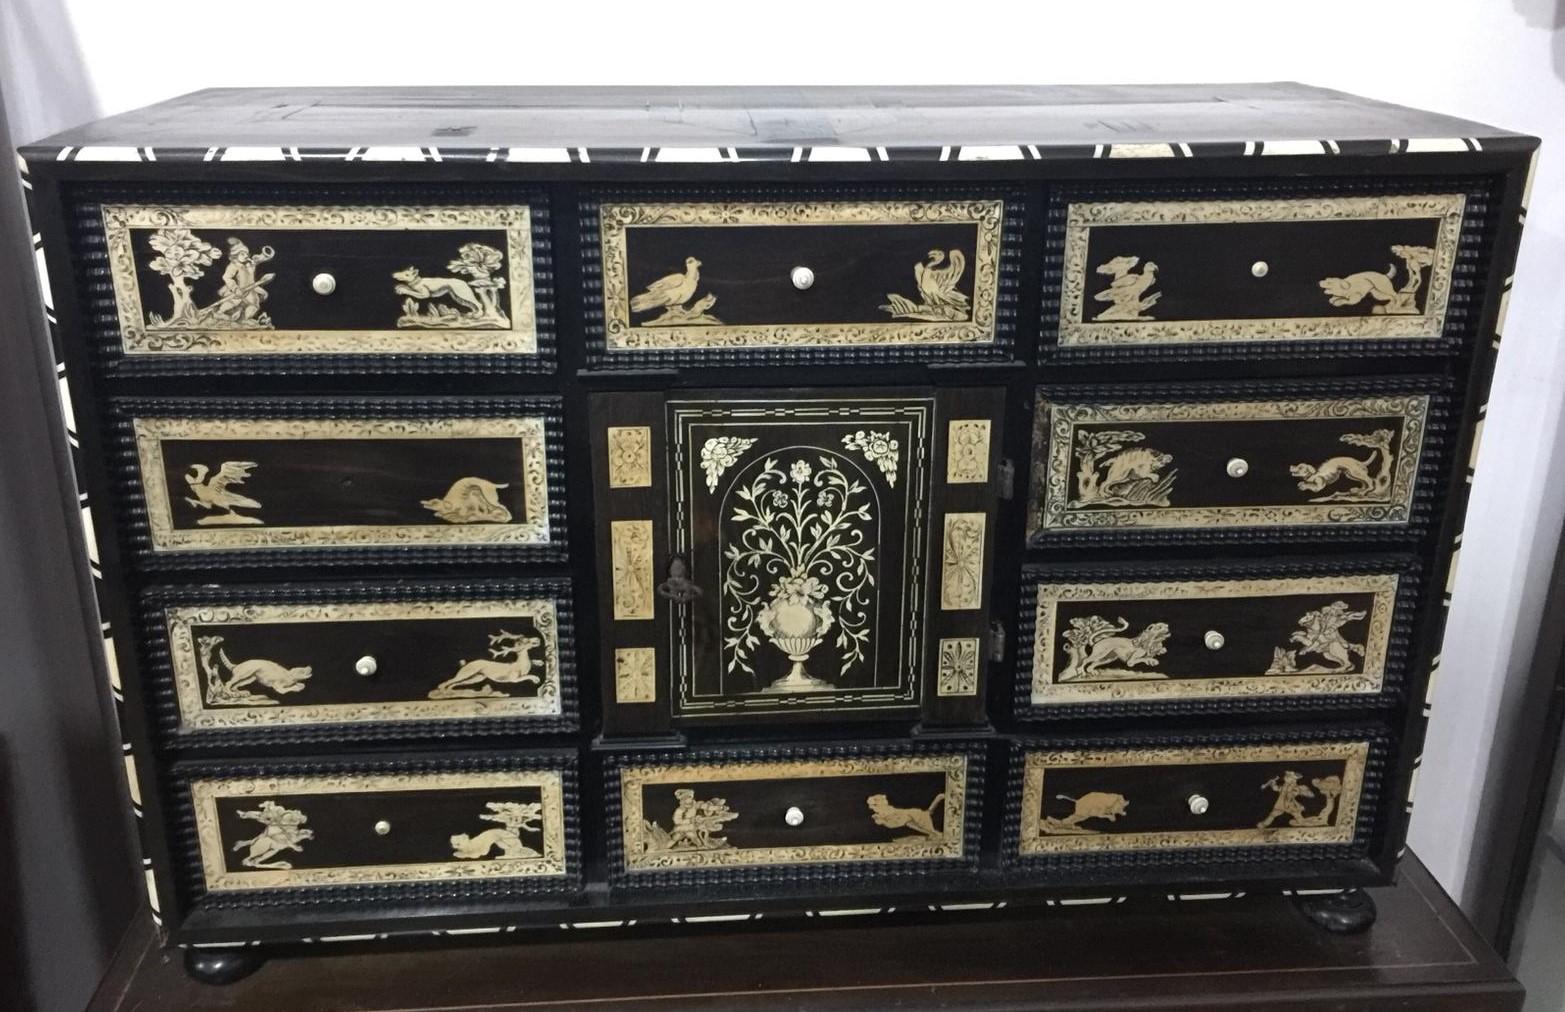 thumb2|Monetiere in ebano violetto e palissandro con intarsi in avorio